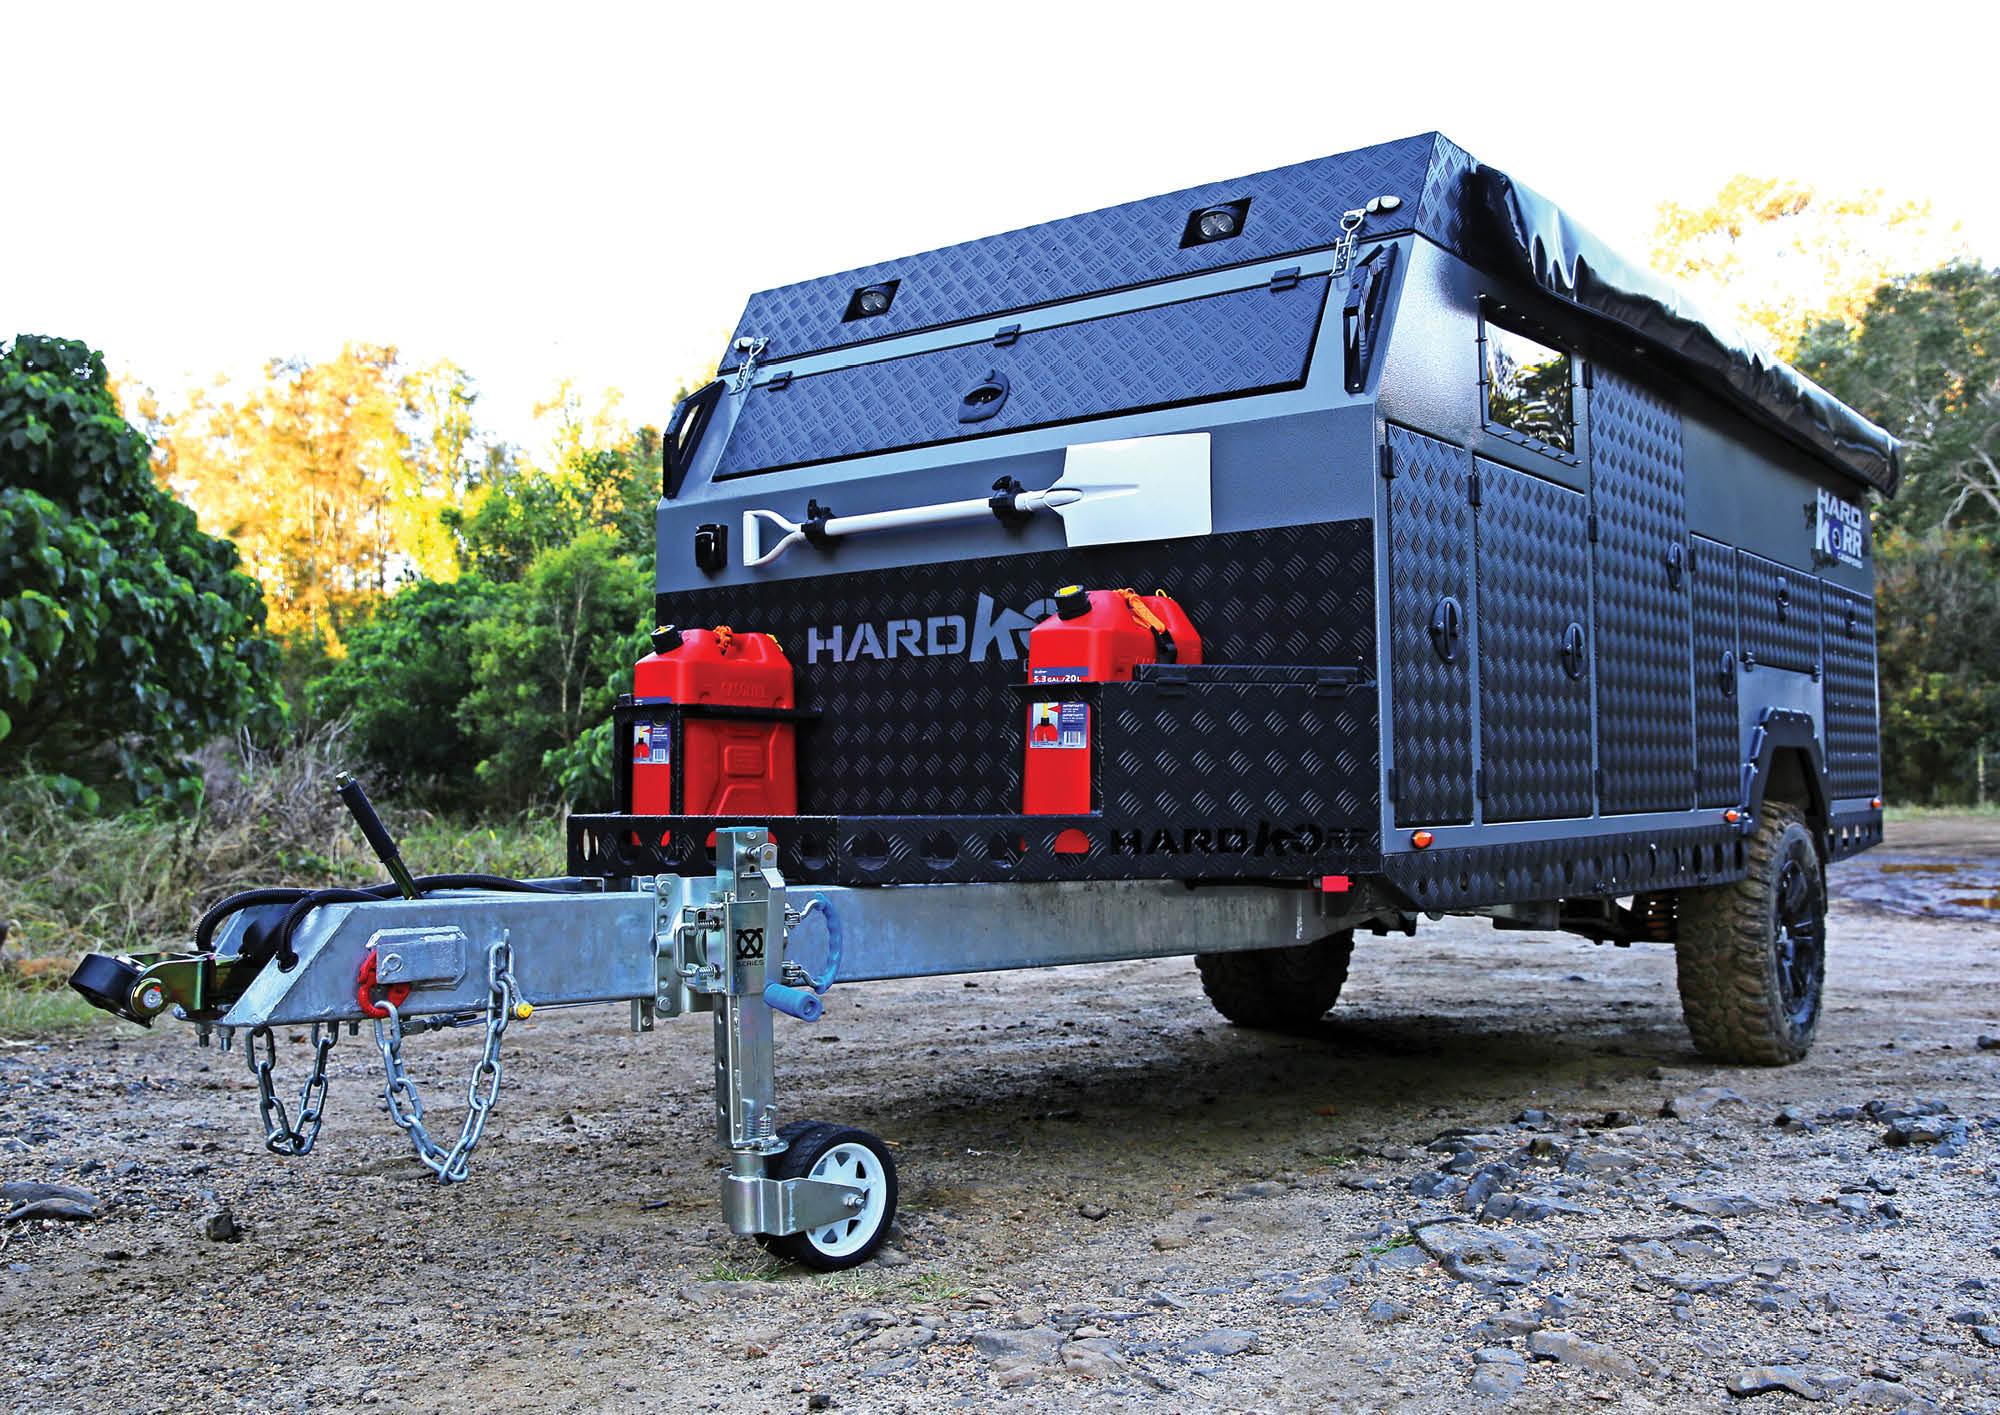 Armoured Korr: HardKorr Camper Trailer